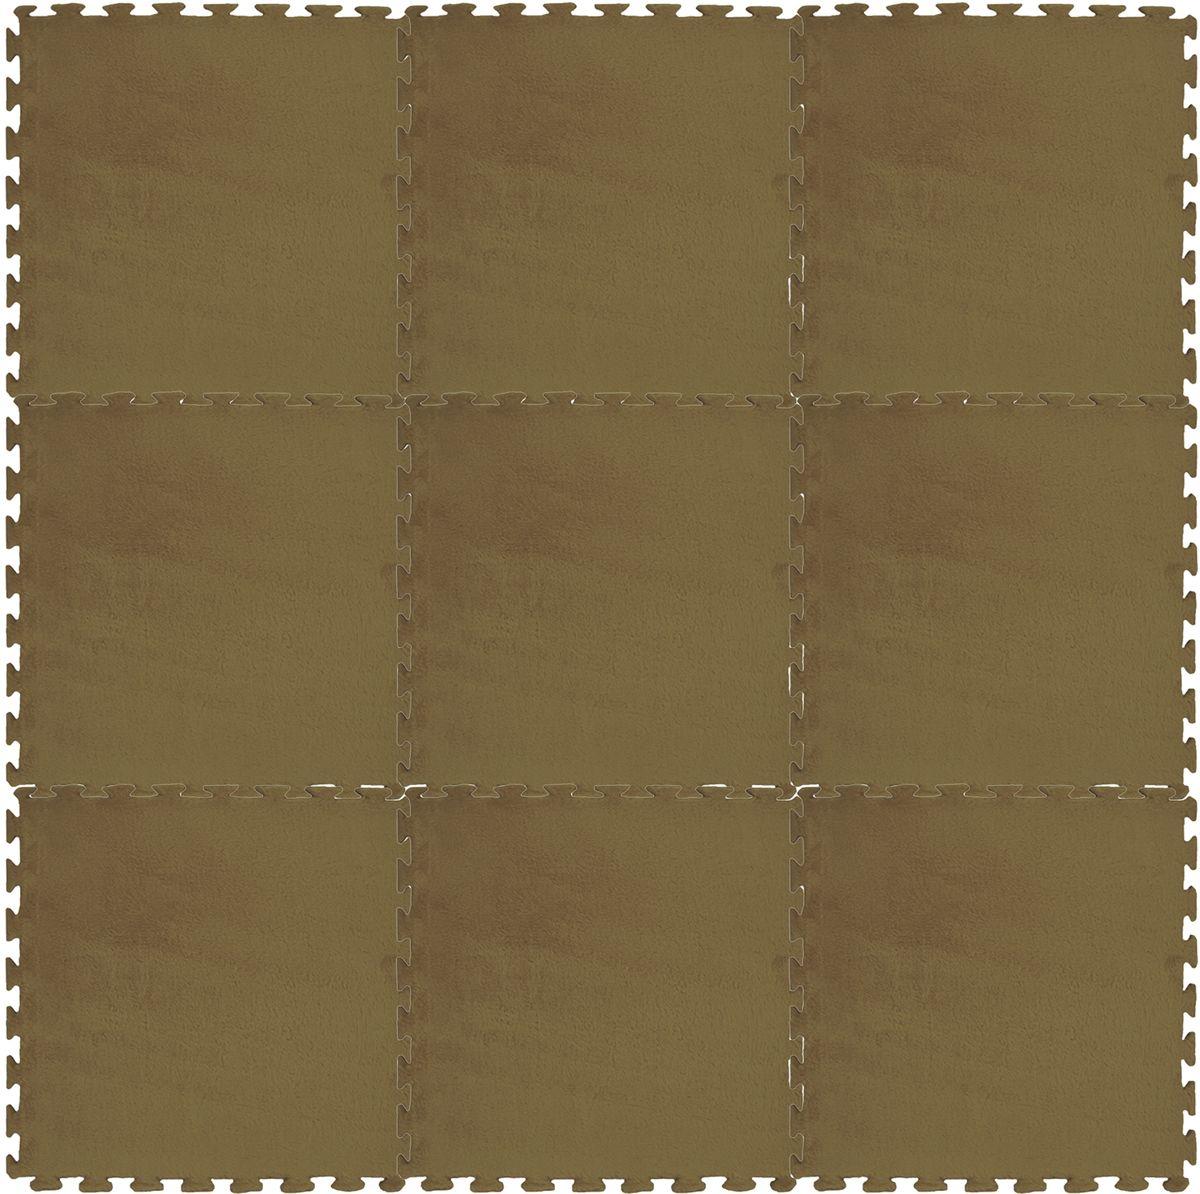 Meitoku Коврик цвет кофейный 9 деталей